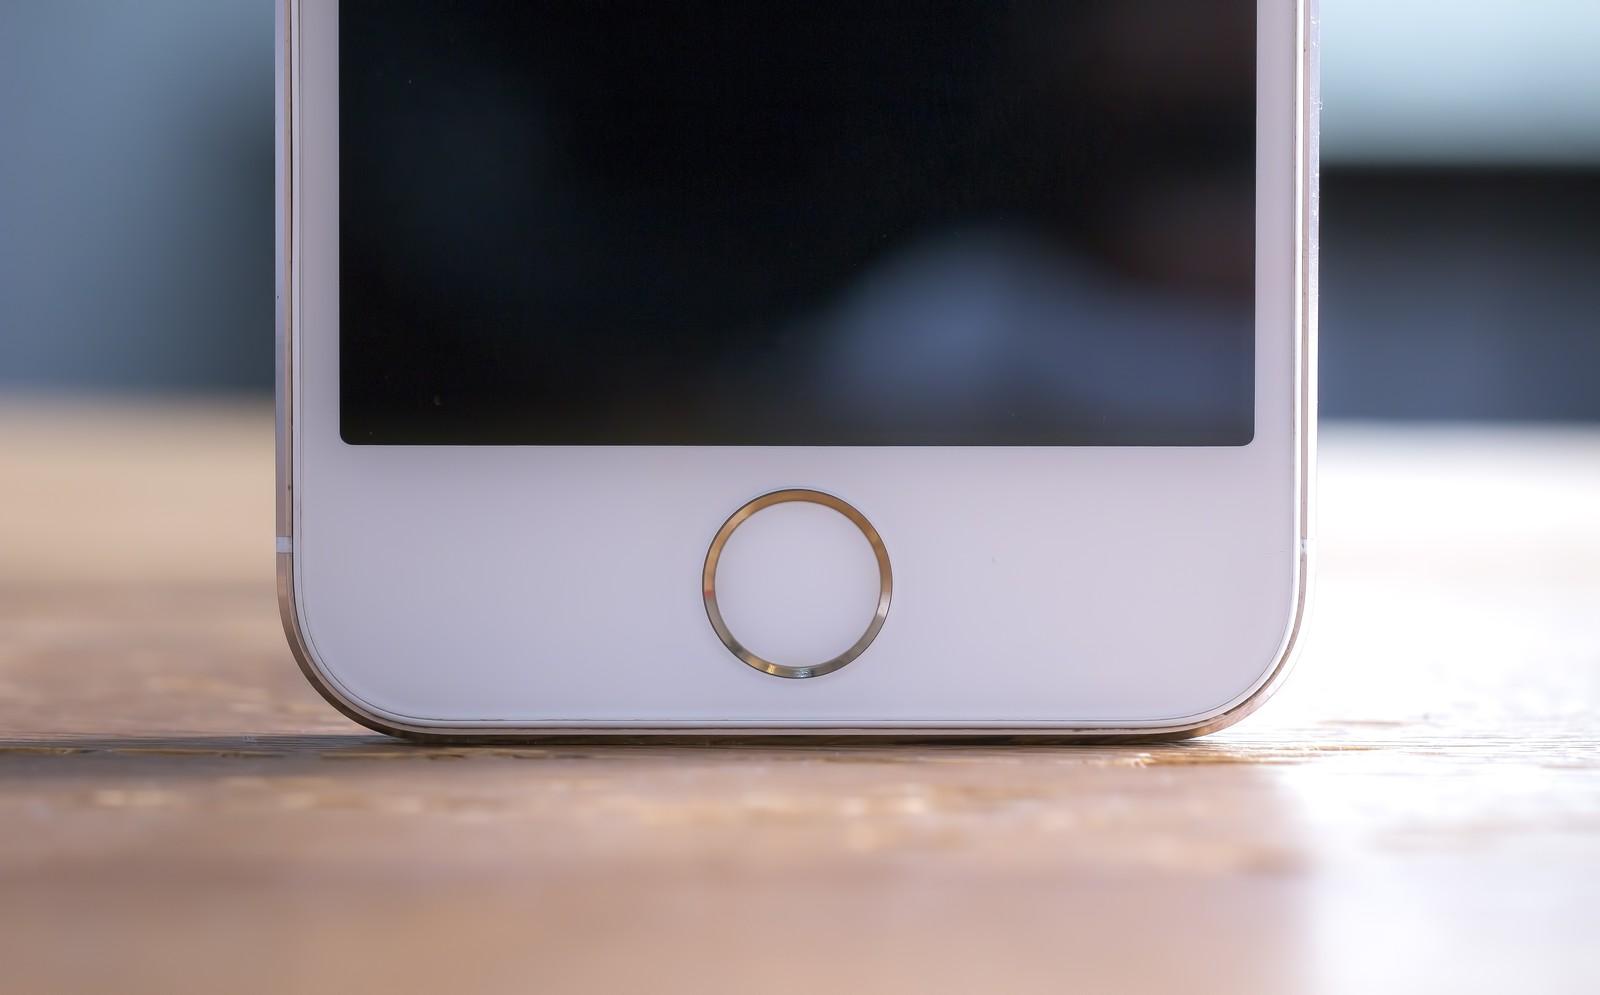 知っておきたい、iPhoneのリセットによる強制再起動